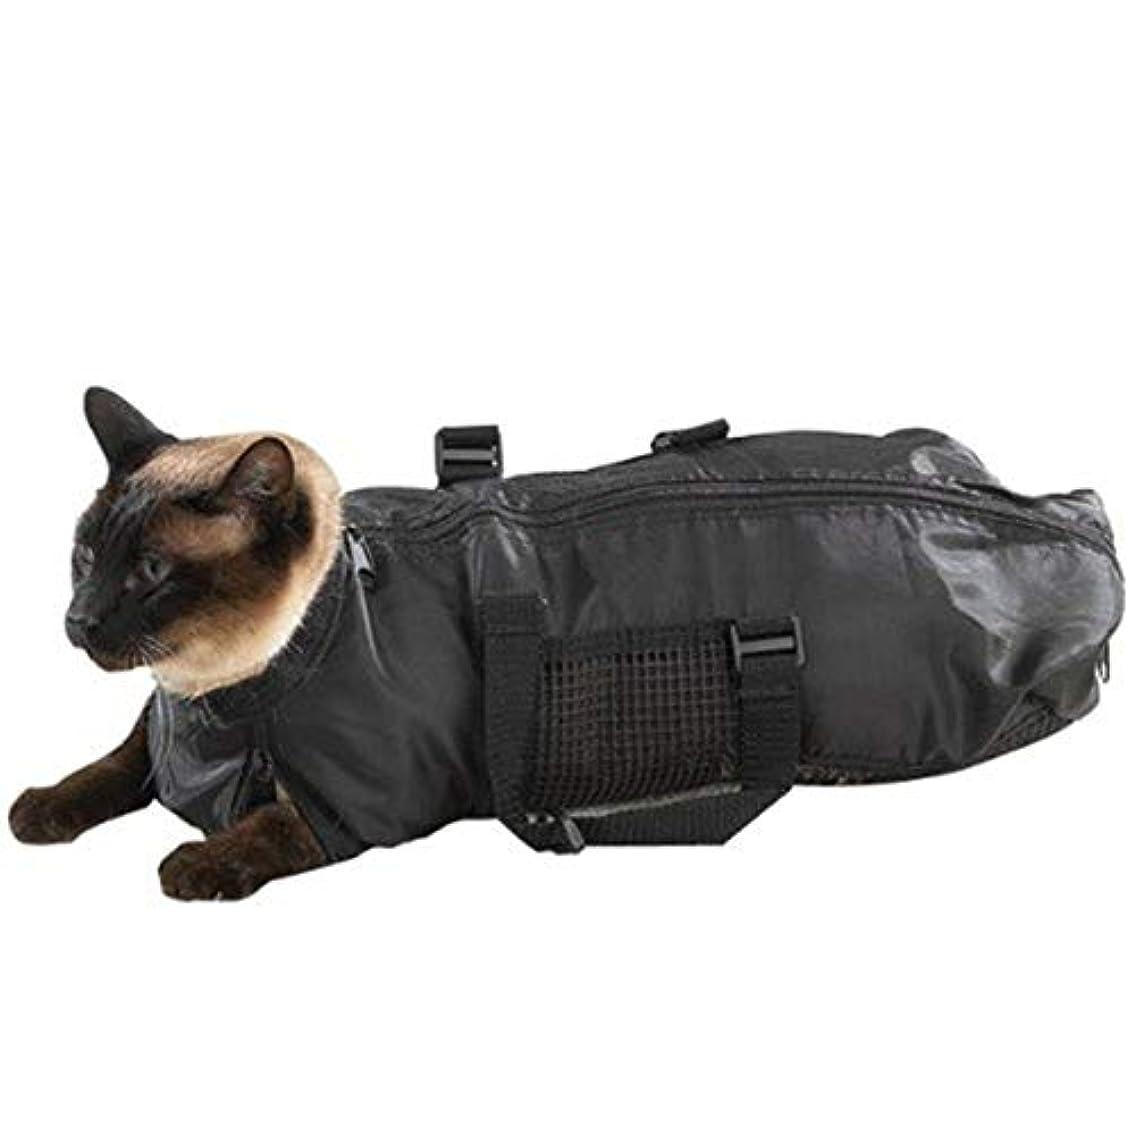 最近シミュレートする忌み嫌うSaikogoods ネイルクリッピングお風呂のための猫グルーミングバッグ 耐久性に優れ ノースクラッチ 噛み拘束 多彩なバッグ ペットサプライ 黒